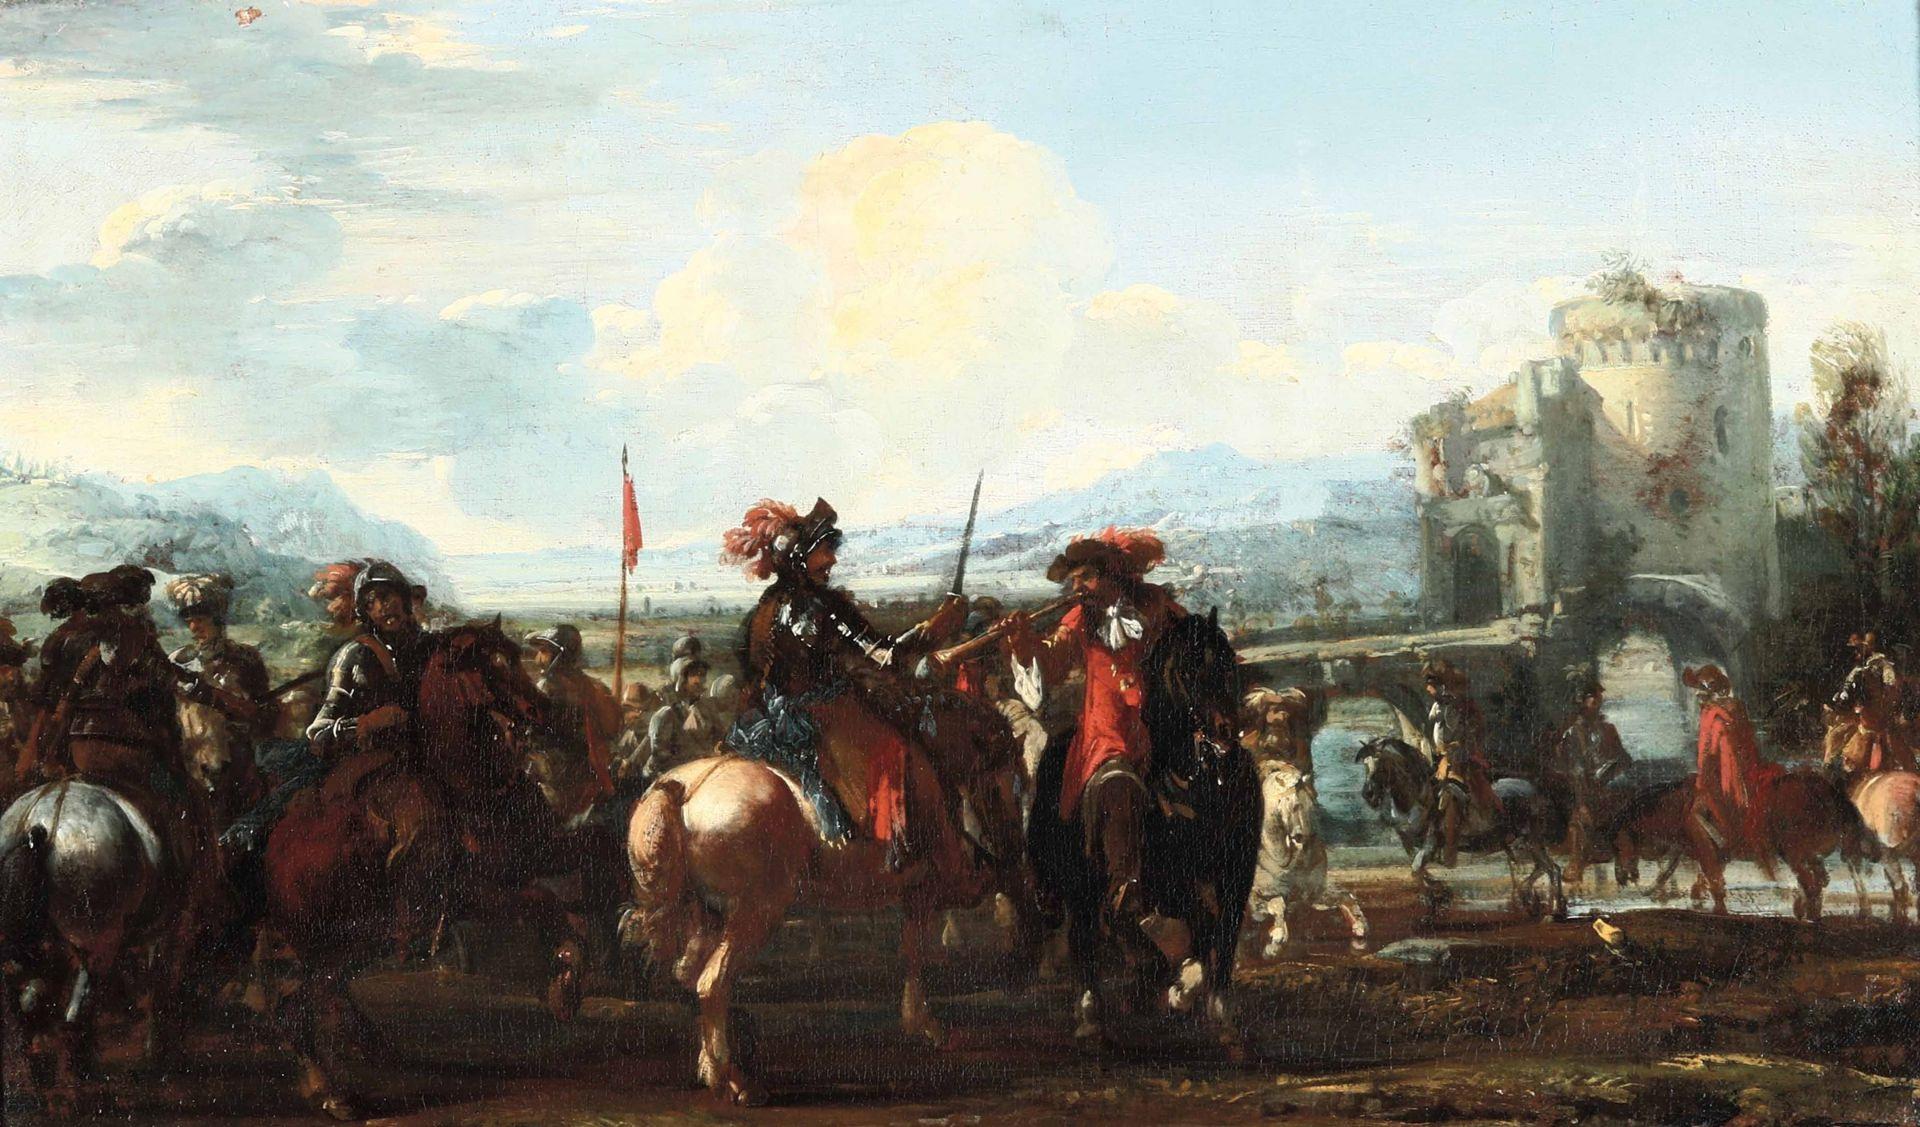 Los 55 - Jaques Courtois detto il Borgognone (Saint Hyppolite 1621 - Roma 1676), L'adunata [...]